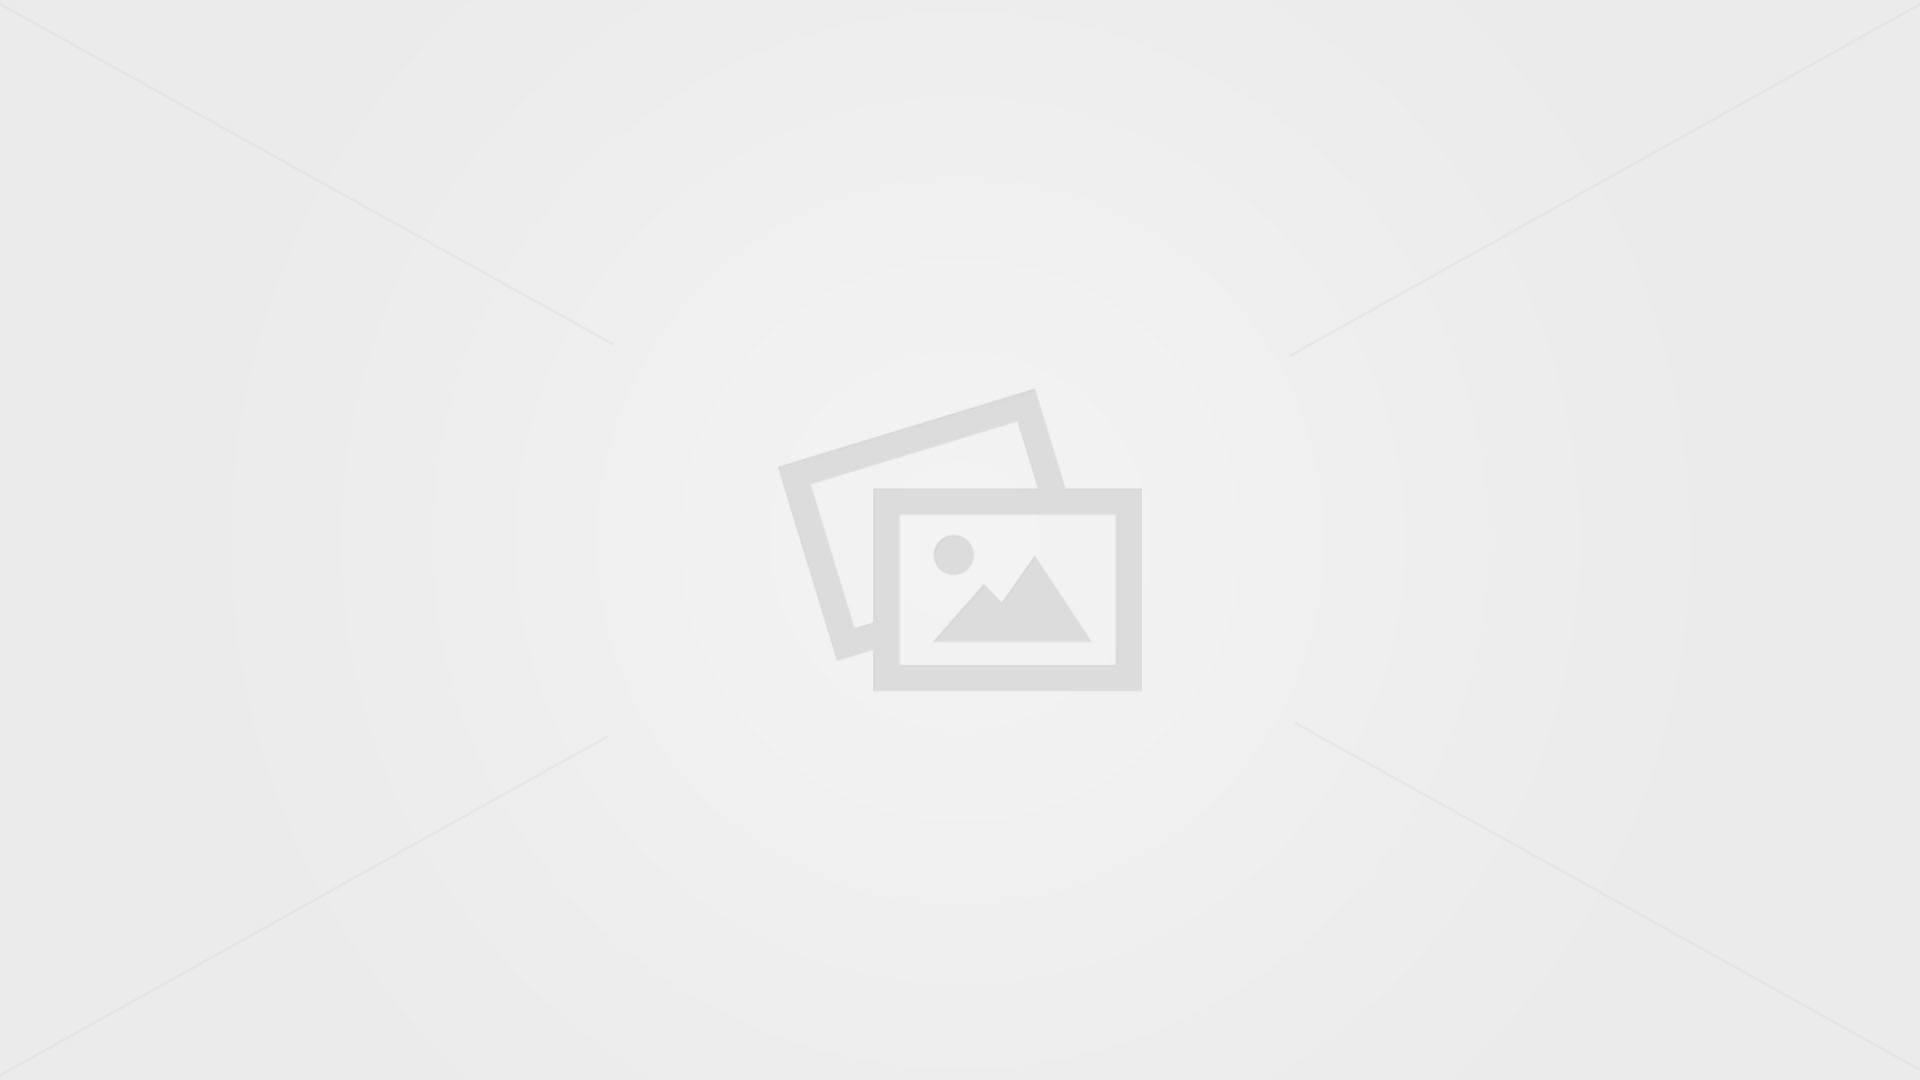 فروزان سکوت ۴ ماهه را شکست: تاوان عشقم به استقلال را دادم